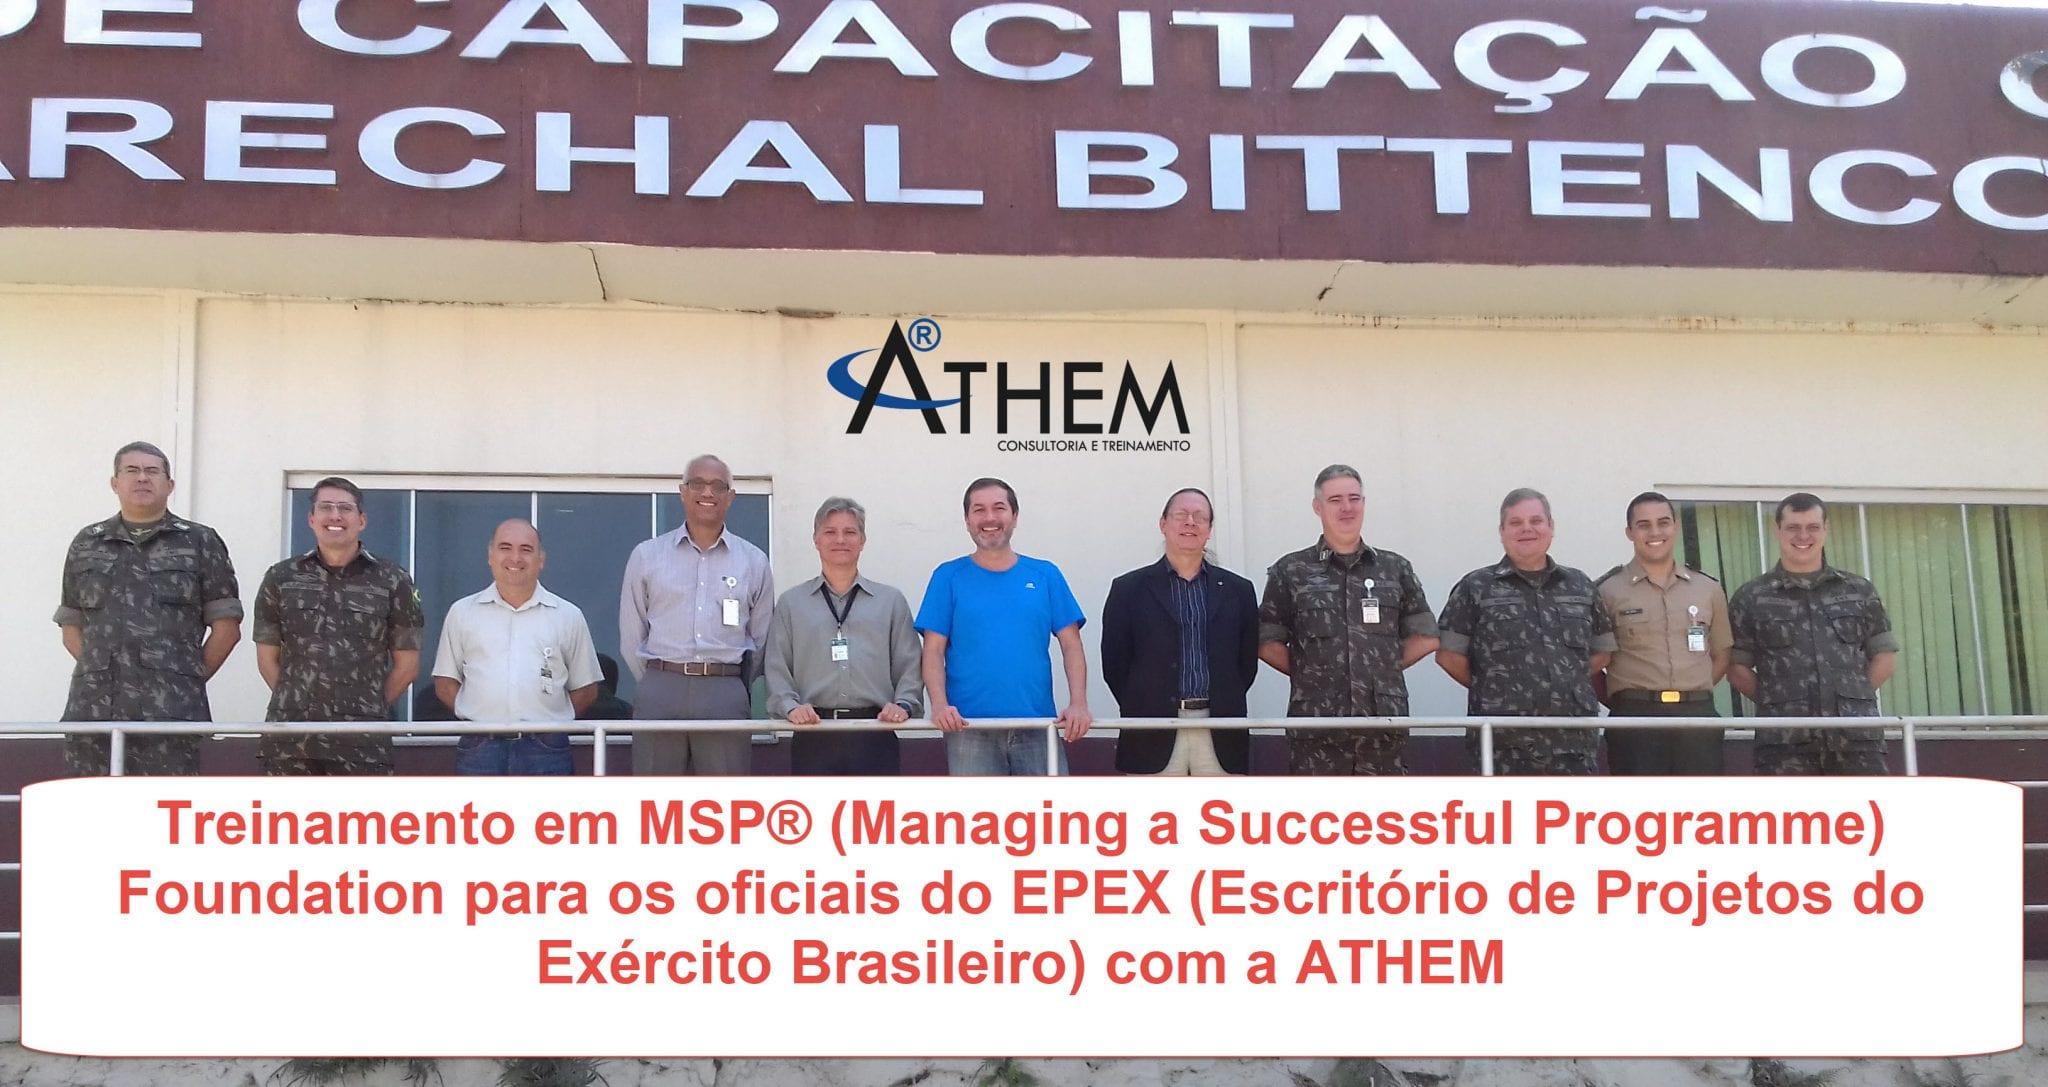 MSP Foundation - Exército Brasileiro investe em Capacitação de Gerenciamento de Programas